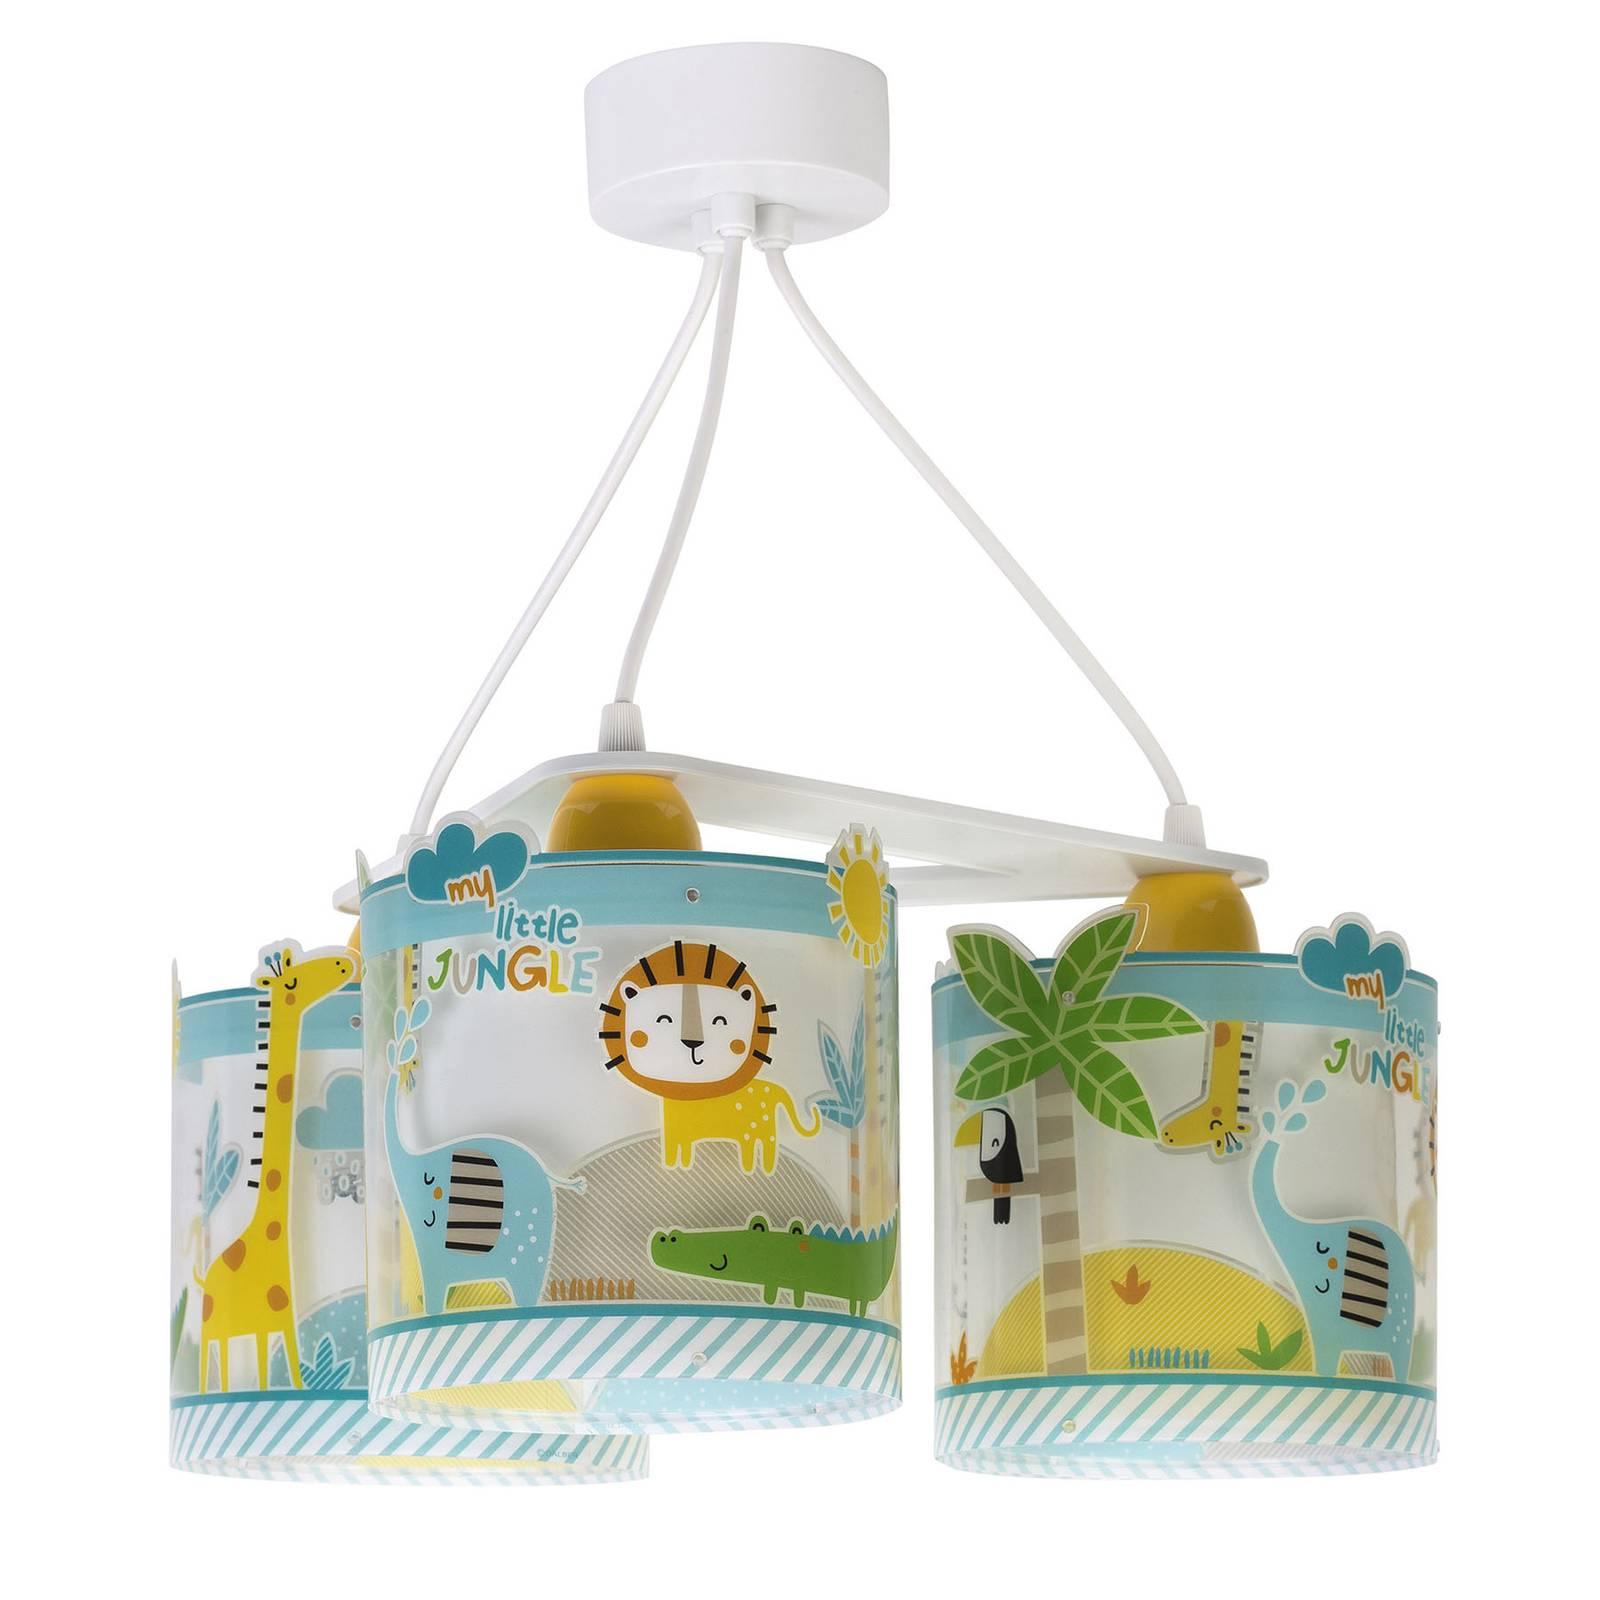 Lastenhuoneen riippuvalo Little Jungle, 3-lamp.